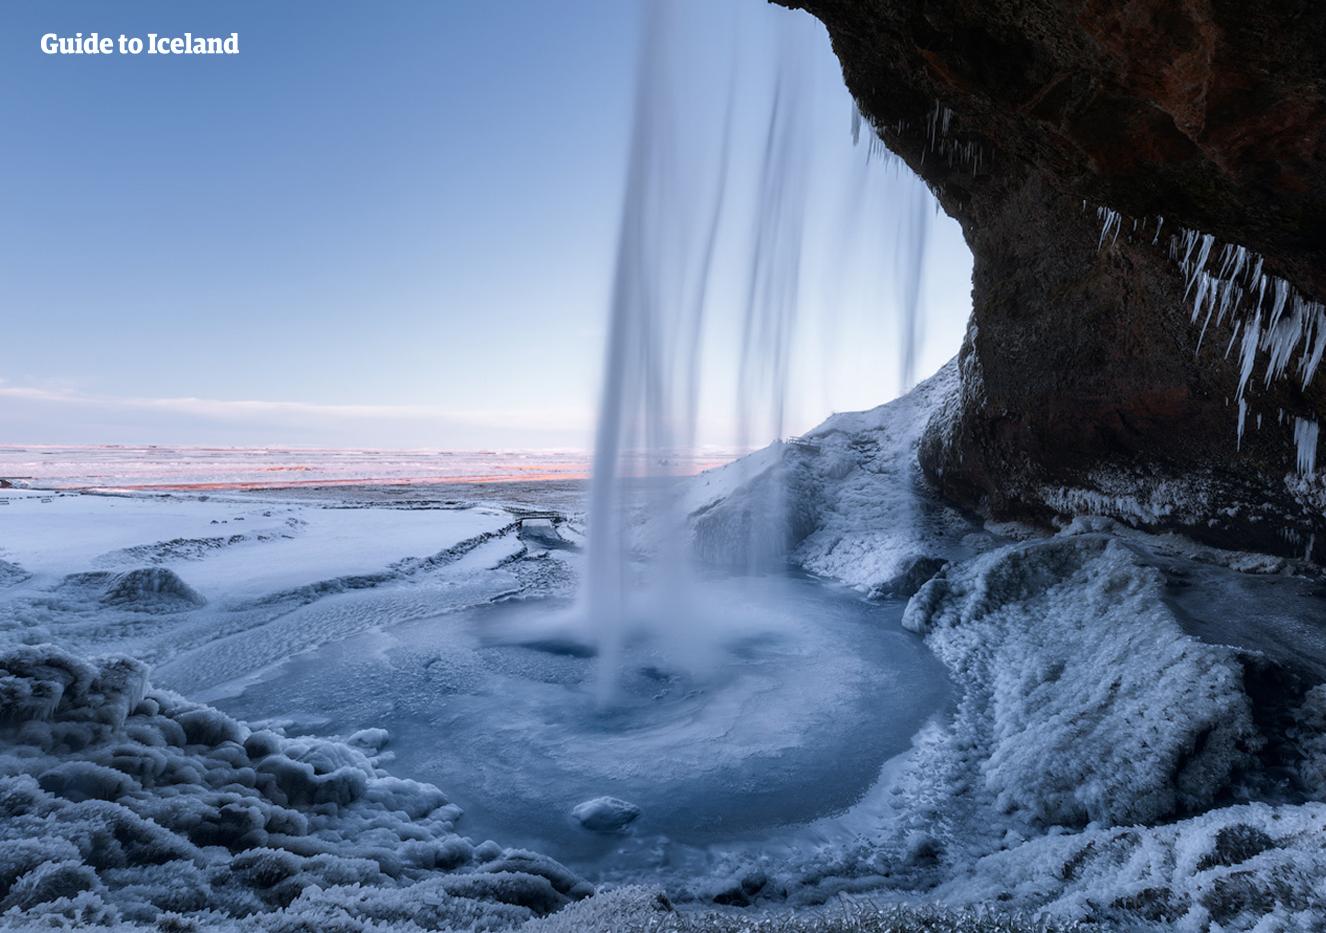 Om natten er Islands sydkyst både smuk og dyster med dens skræmmende sorte klippeformationer.